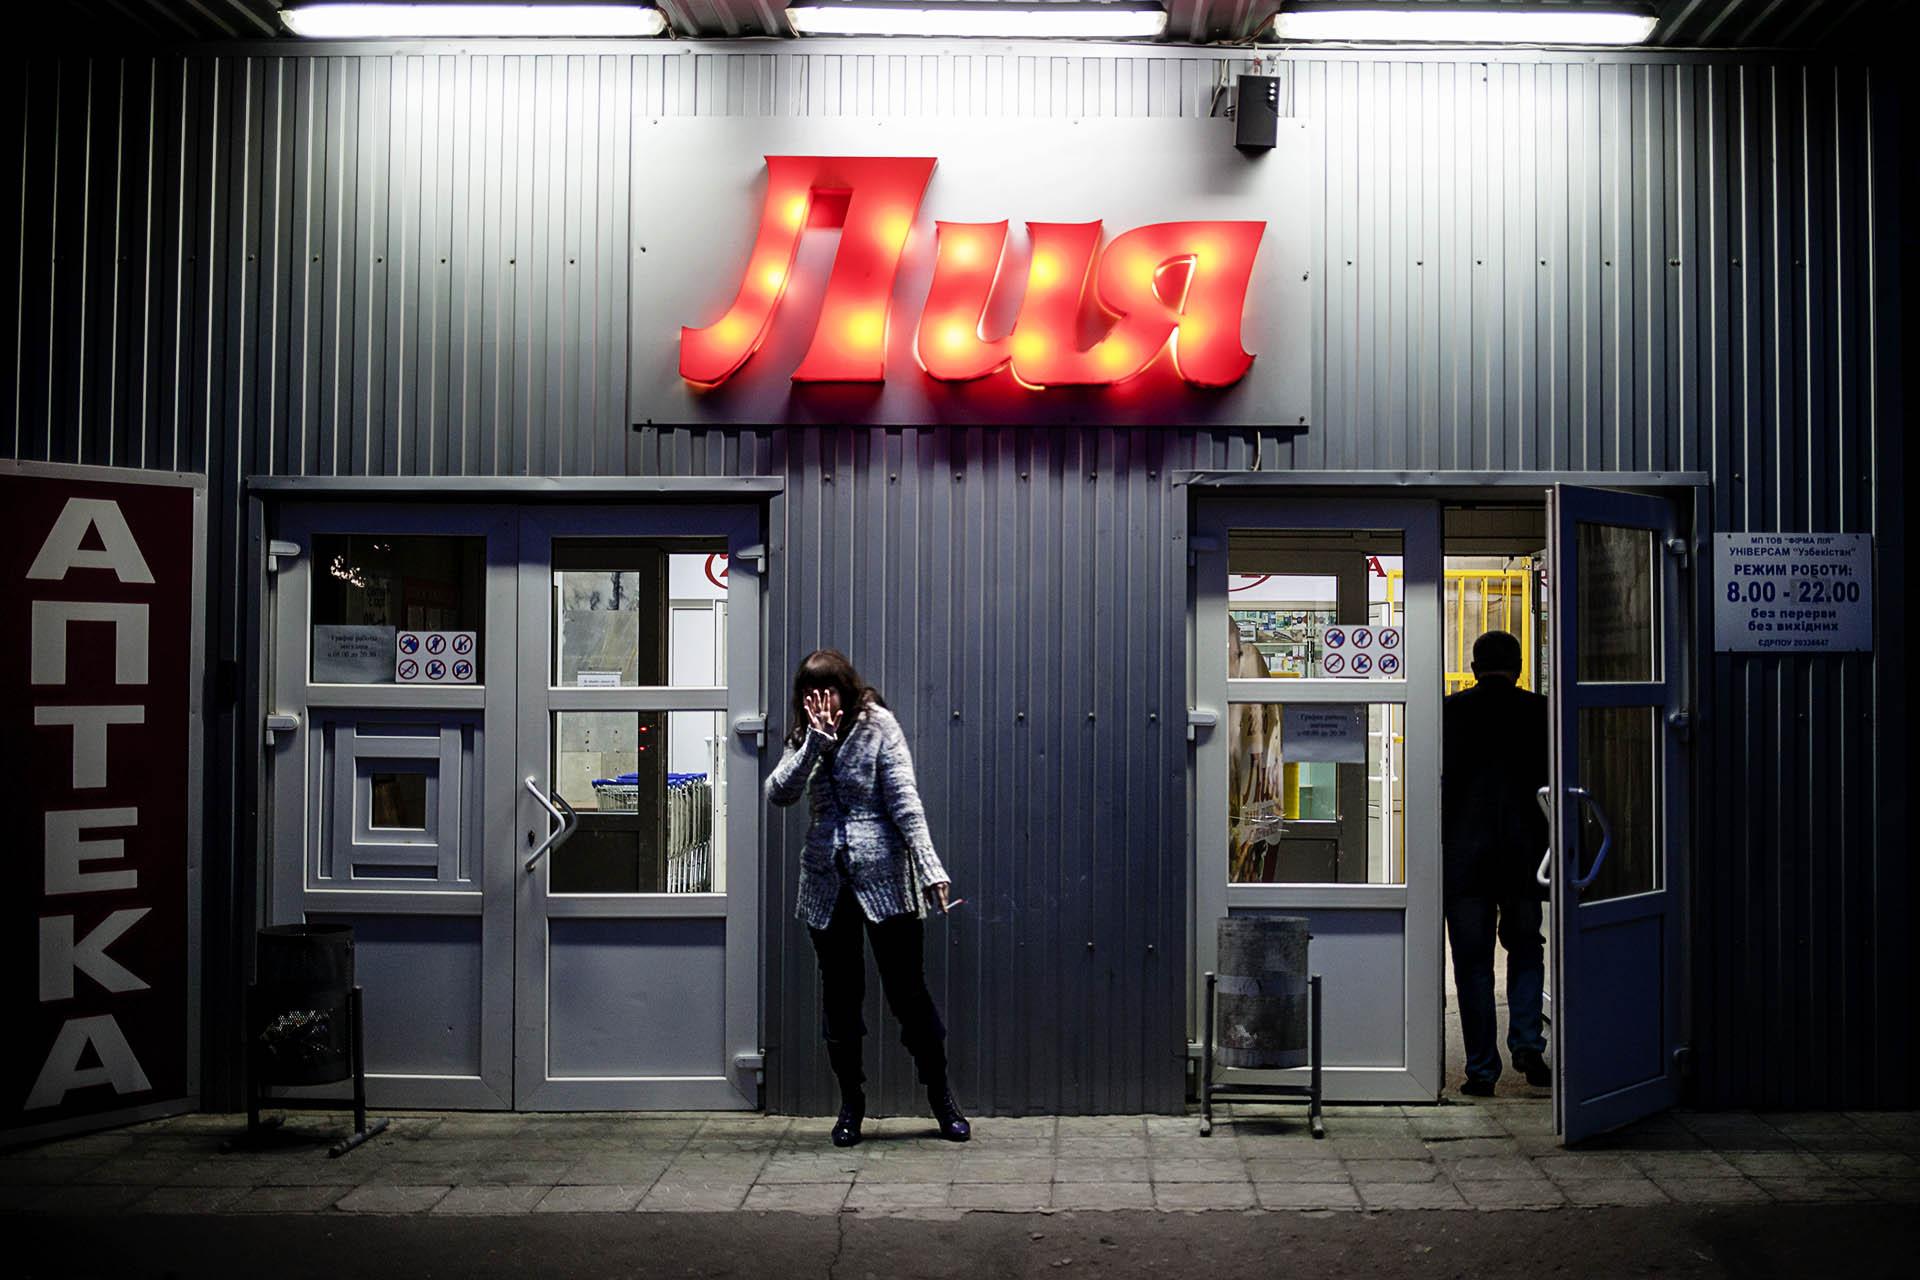 Las tiendas y supermercados están bien abastecidas, aunque no muchos se pueden permitir pagar los precios actuales / (Donetsk).